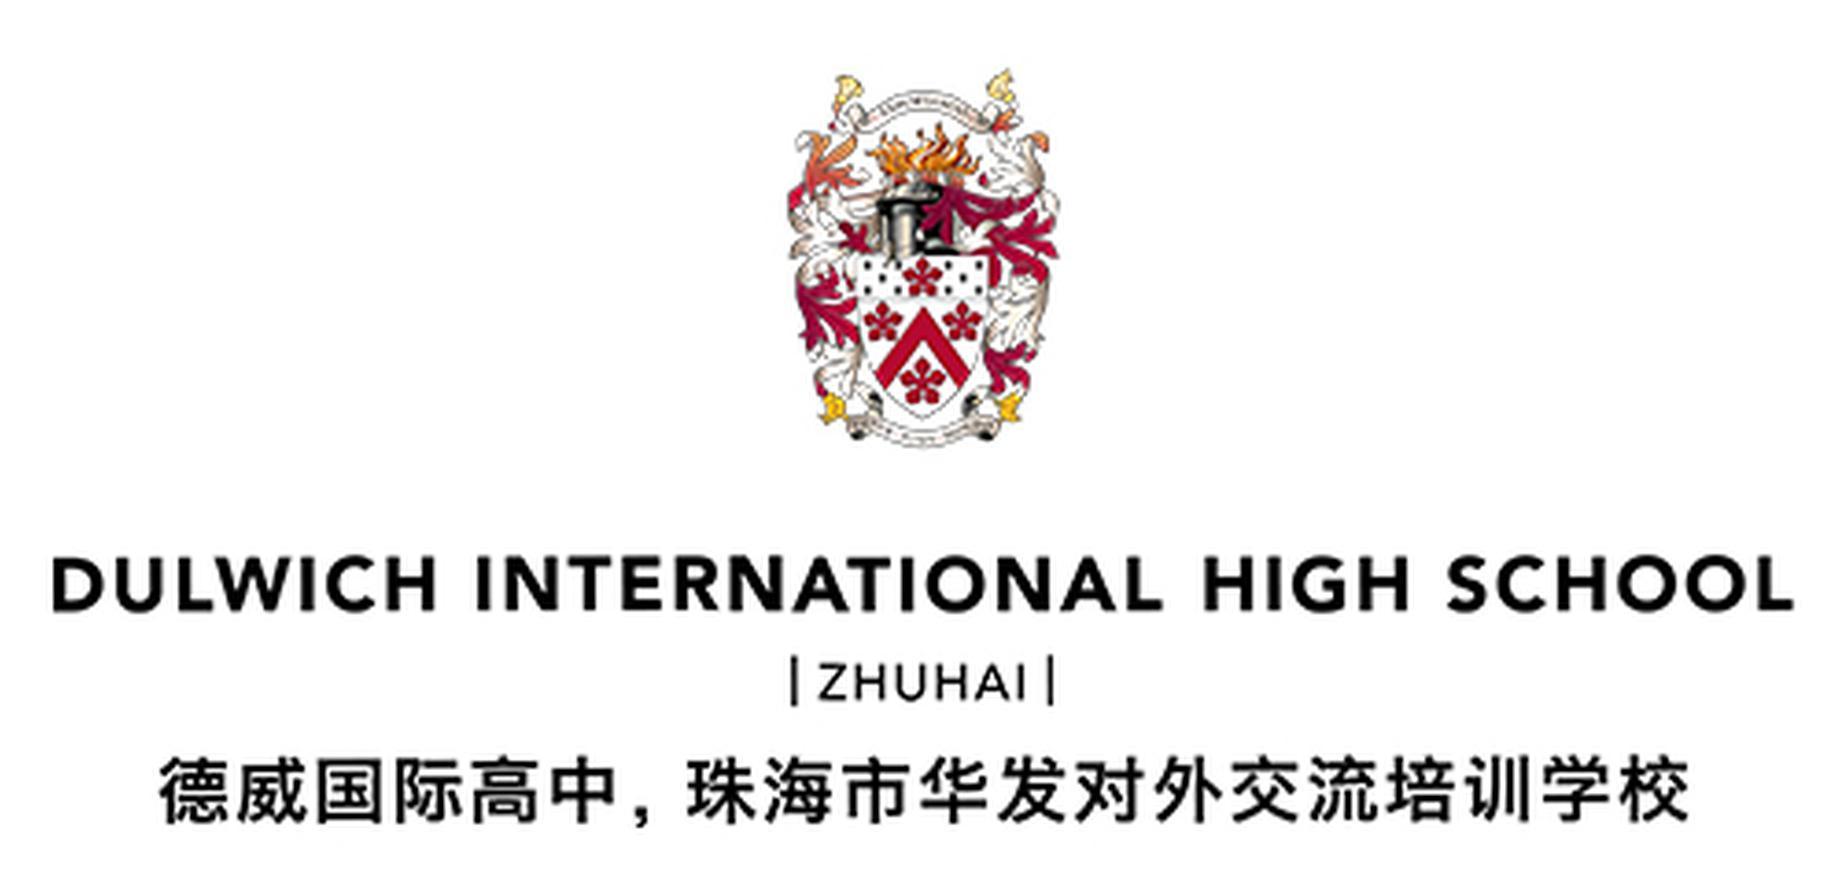 珠海德威国际高中2018年招生简章